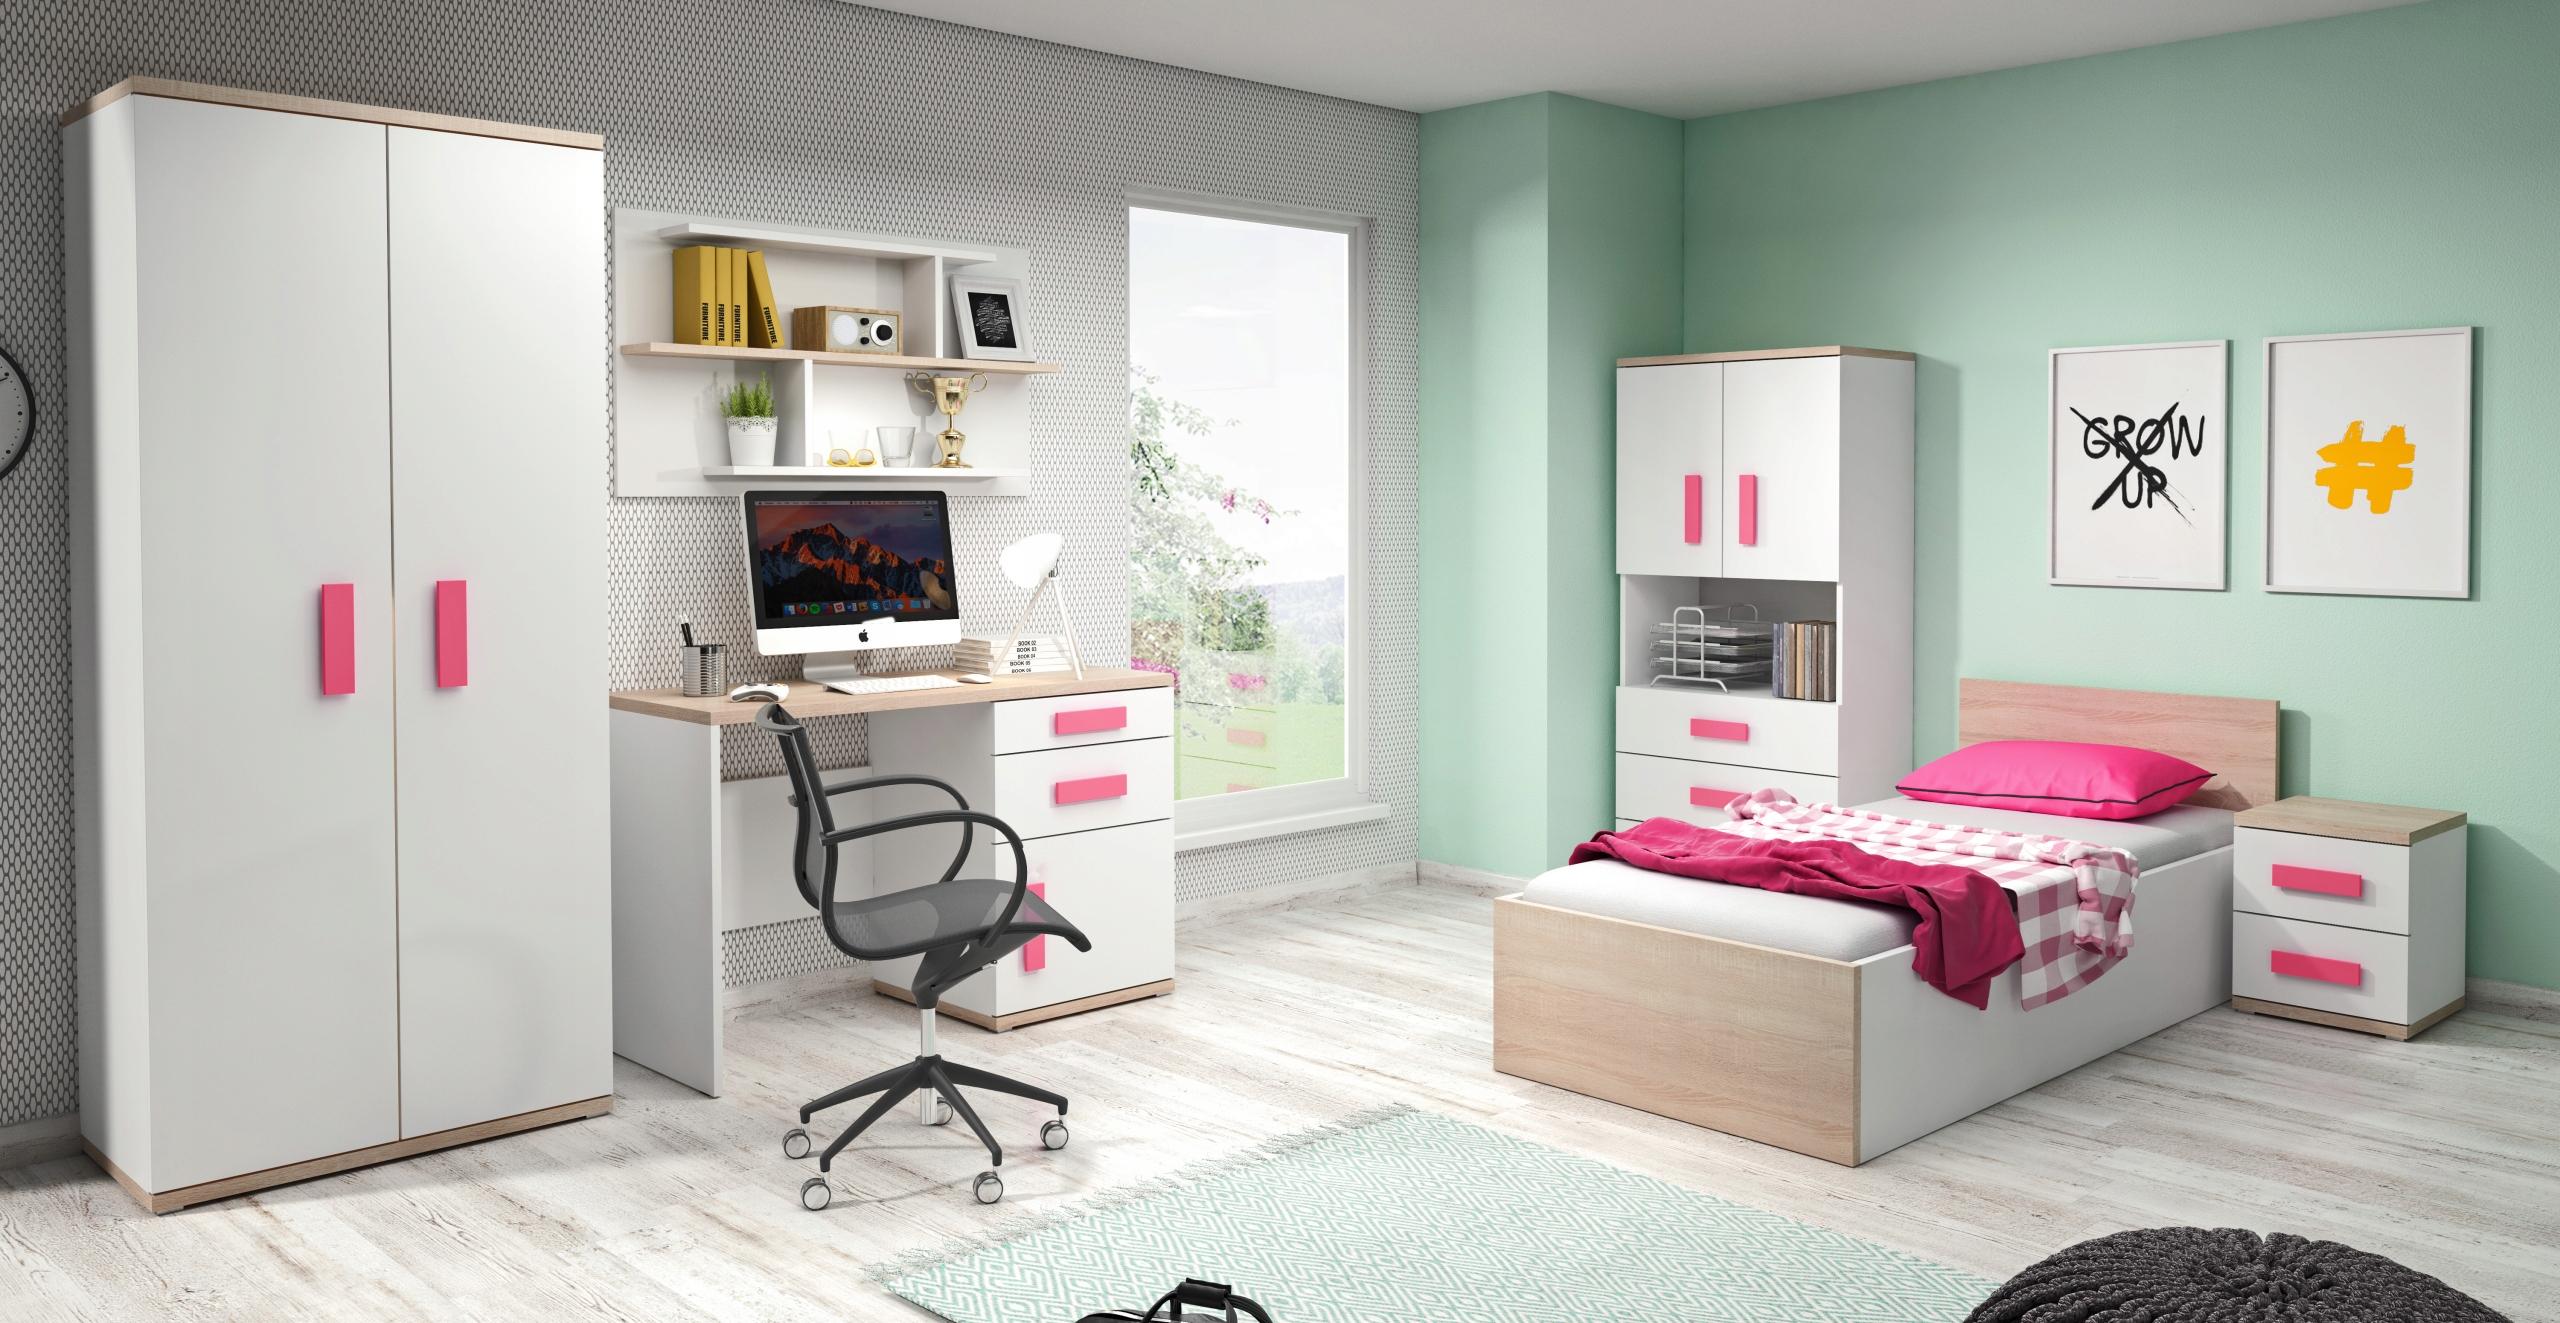 НОВИНКА! Мебель детское молодежные рабочий стол UNO